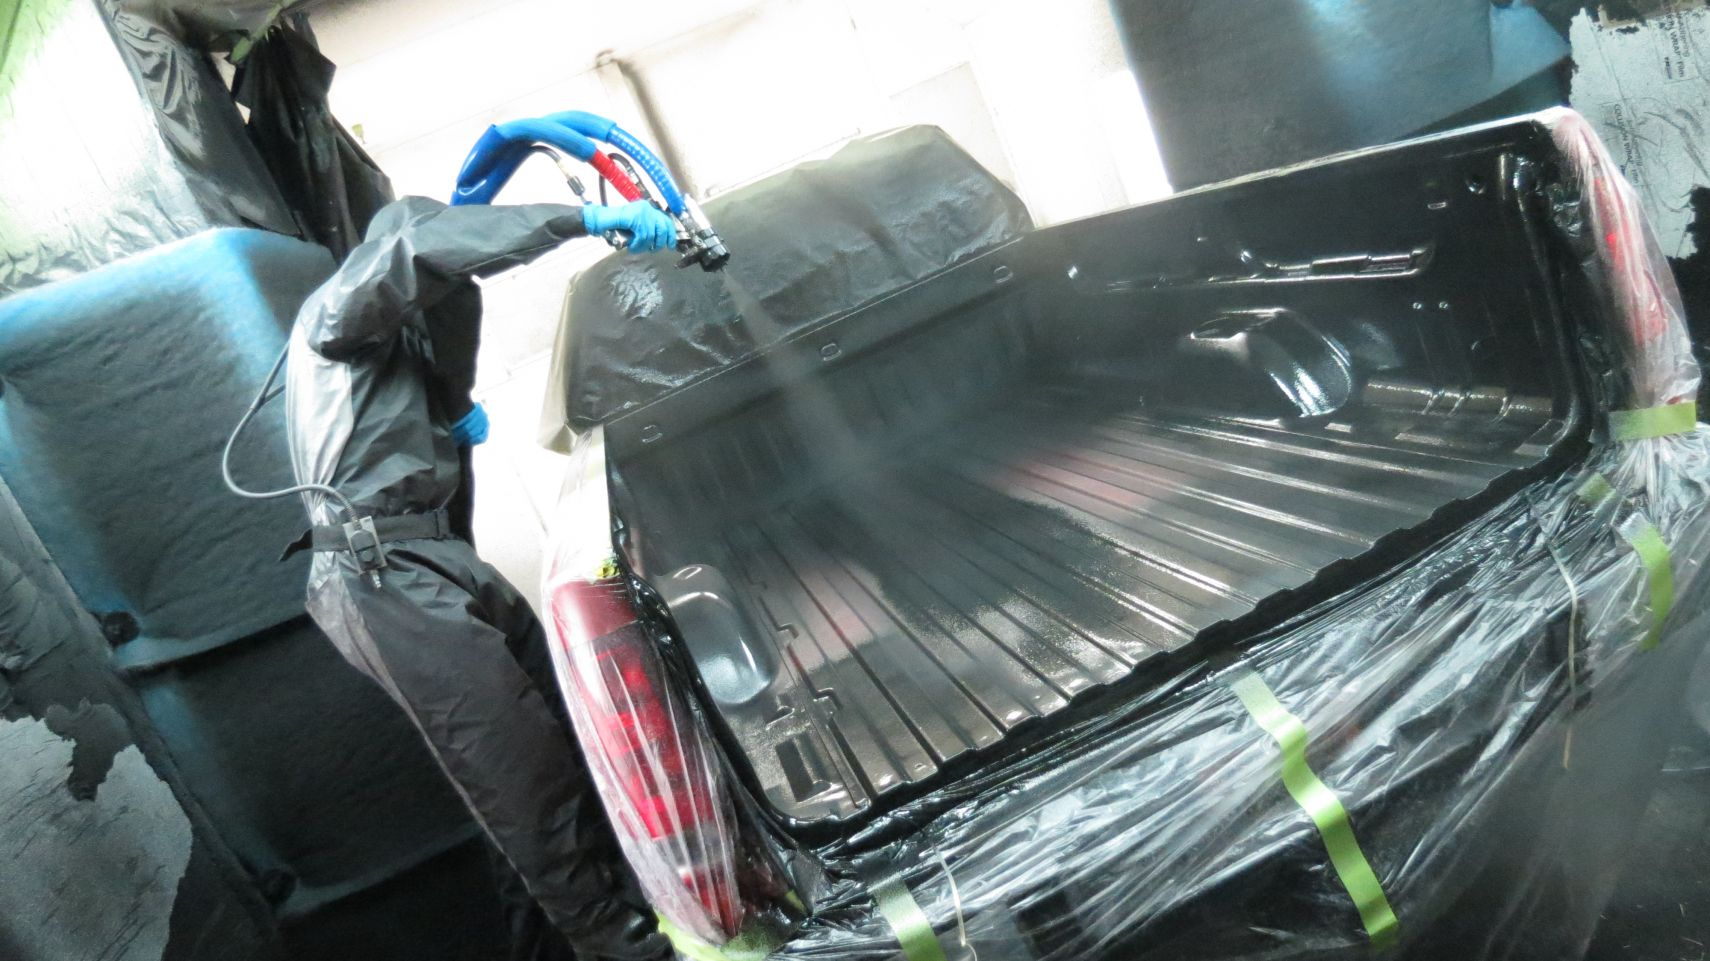 Spray On Bedliner - TopperKING : TopperKING | Providing ...